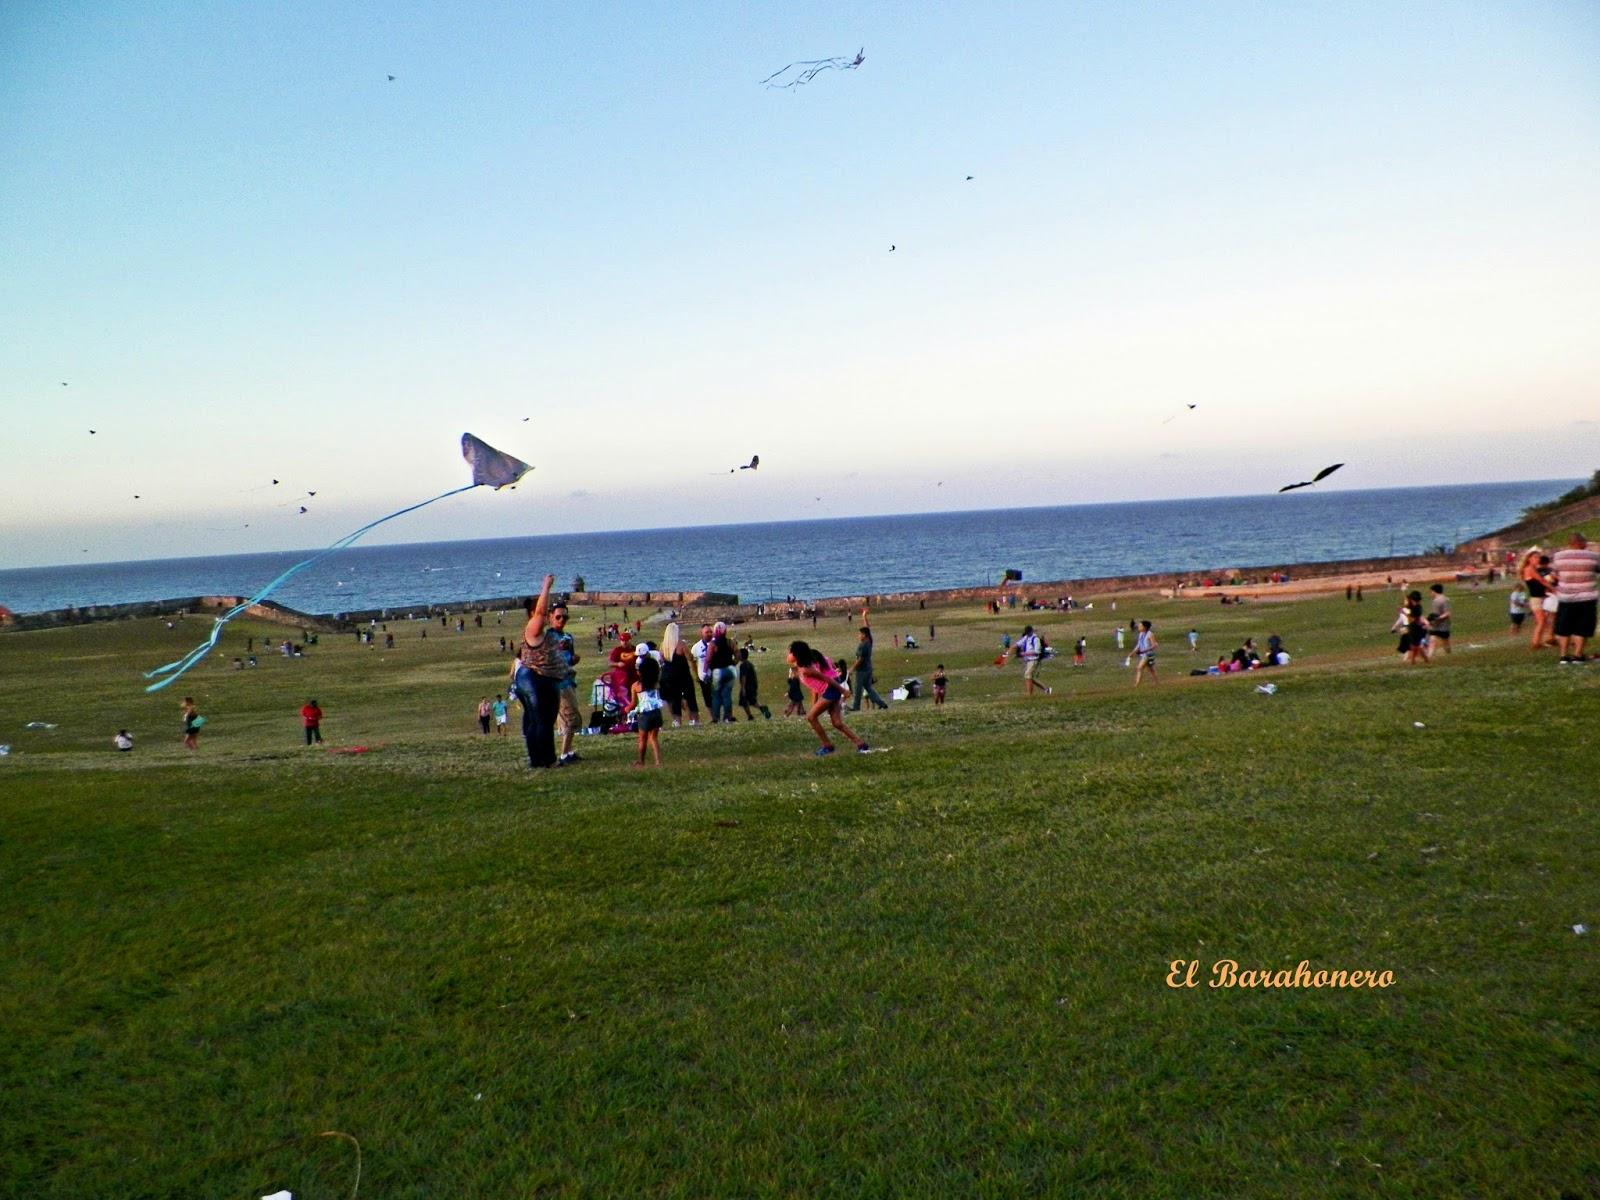 D a de chichiguas o chiringas frente a el morro viejo san juan puerto rico el barahonero - Volar a puerto rico ...